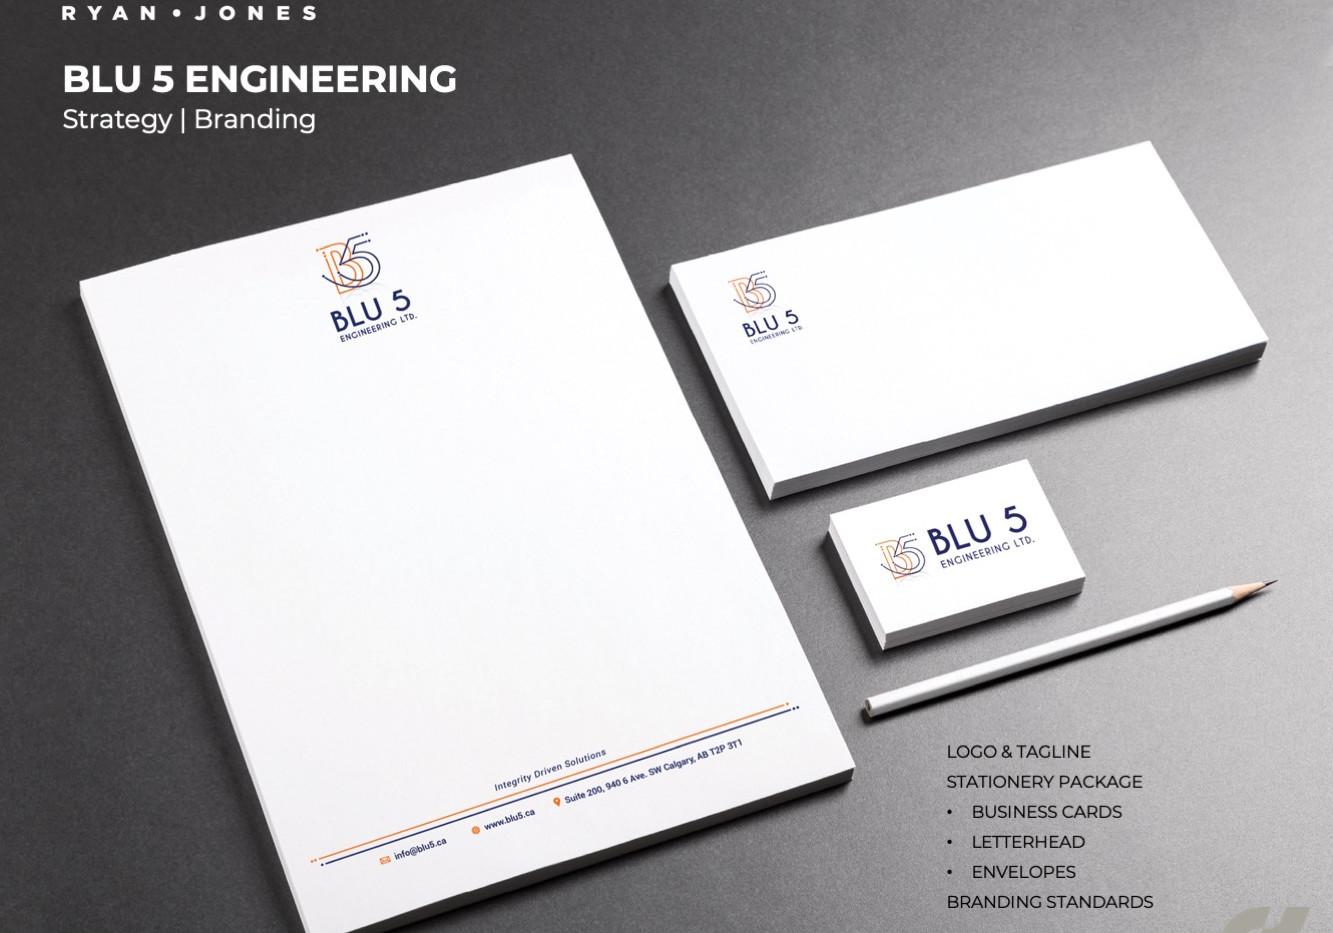 Blu 5 Engineering